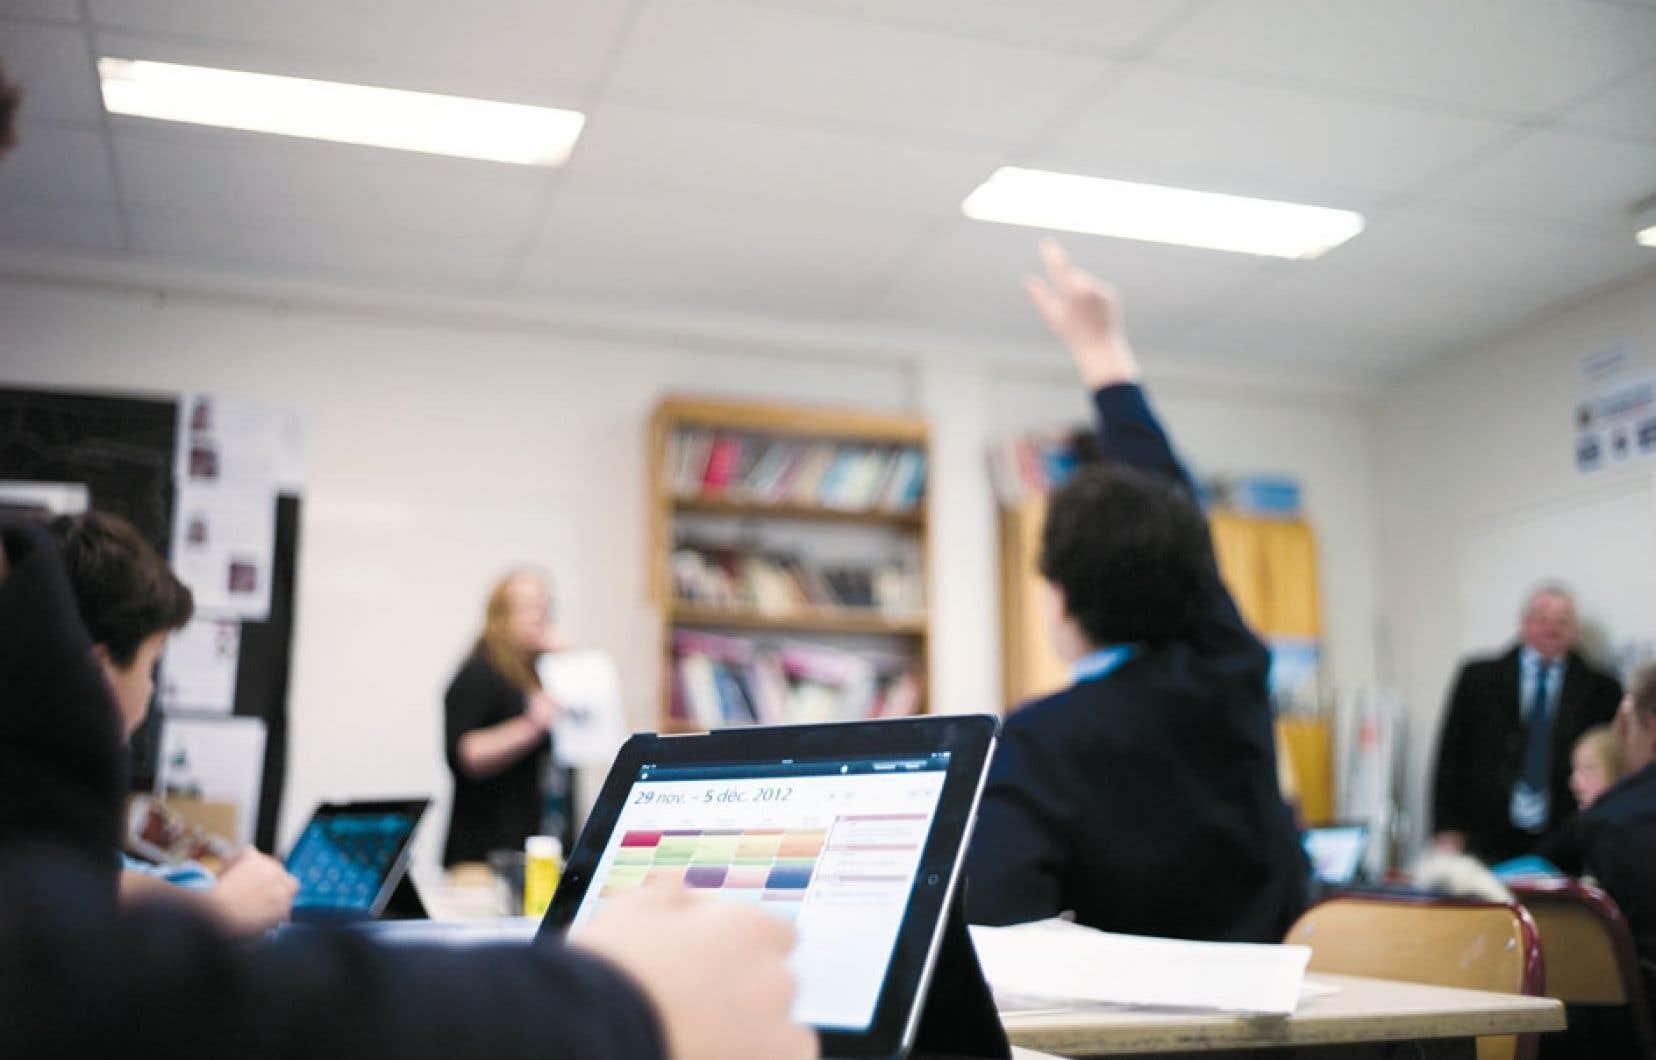 L'utilisation d'ordinateurs et autres technologies informatiques à des fins éducatives gagnent en popularité dans les pays occidentaux.